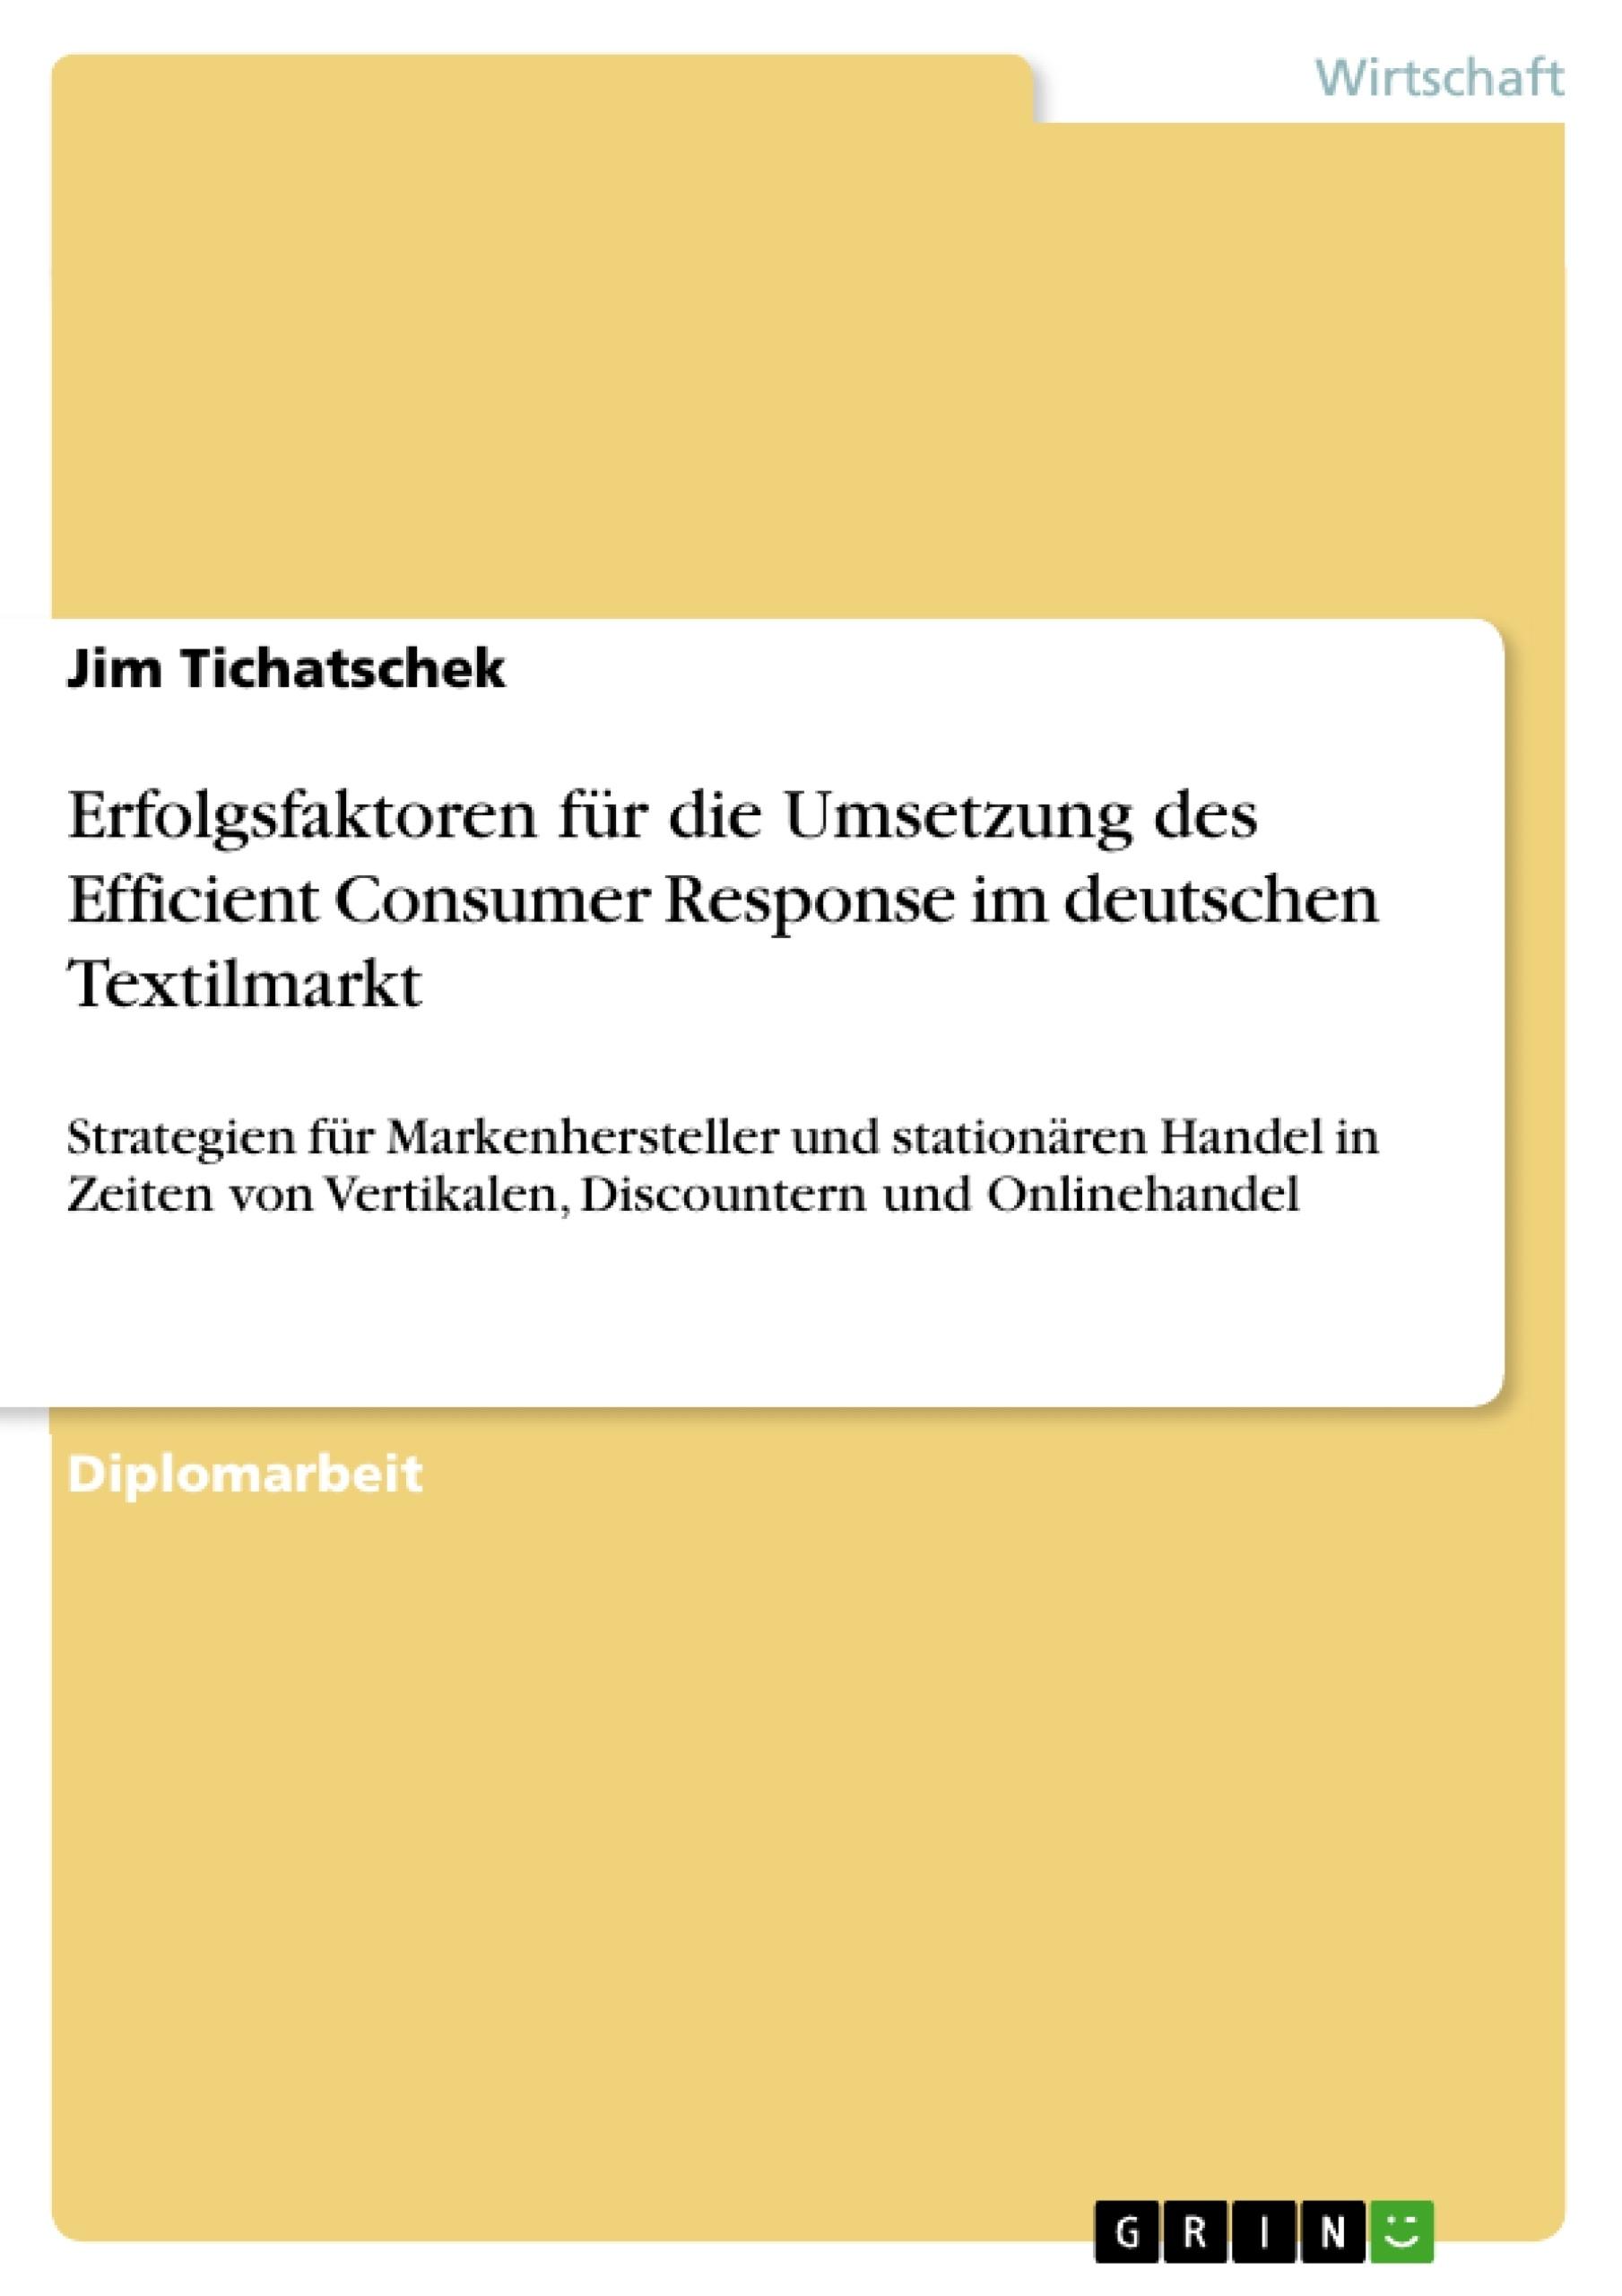 Titel: Erfolgsfaktoren für die Umsetzung des Efficient Consumer Response im deutschen Textilmarkt